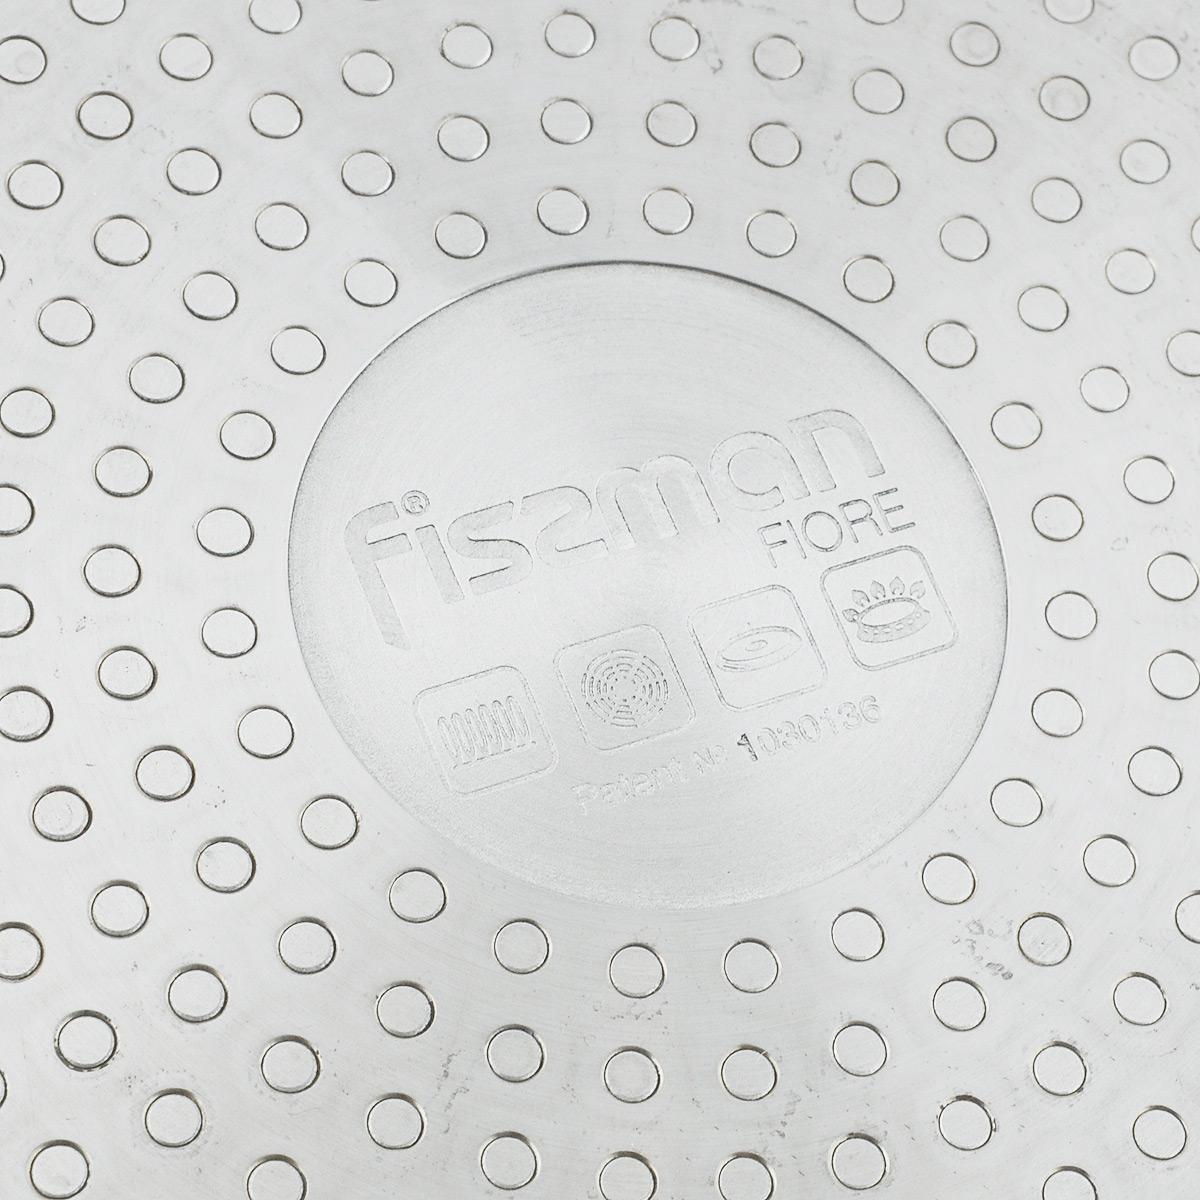 Блинная сковорода Fissman изготовлена из алюминия с мраморным антипригарным покрытием. Такое покрытие долговечно, безопасно для здоровья и окружающей среды, оно обладает великолепными антипригарными свойствами. Сковорода оснащена удобной ручкой, которая не нагревается в процессе приготовления пищи и не скользит в мокрых руках.Сковорода Fissman создана, чтобы удовлетворить потребности самых взыскательных кулинаров и профессиональных шеф-поваров. Это результат сочетания уникального производственного процесса, современного дизайна, непревзойденного качества и использования передовых сертифицированных материалов. Подходит для использования на газовых, электрических, стеклокерамических и индукционных плитах. Можно мыть в посудомоечной машине. Диаметр крышки: 20 см.Высота стенки: 1,7 см.Длина ручки: 17,5 см.Диаметр индукционного диска: 14,7 см.